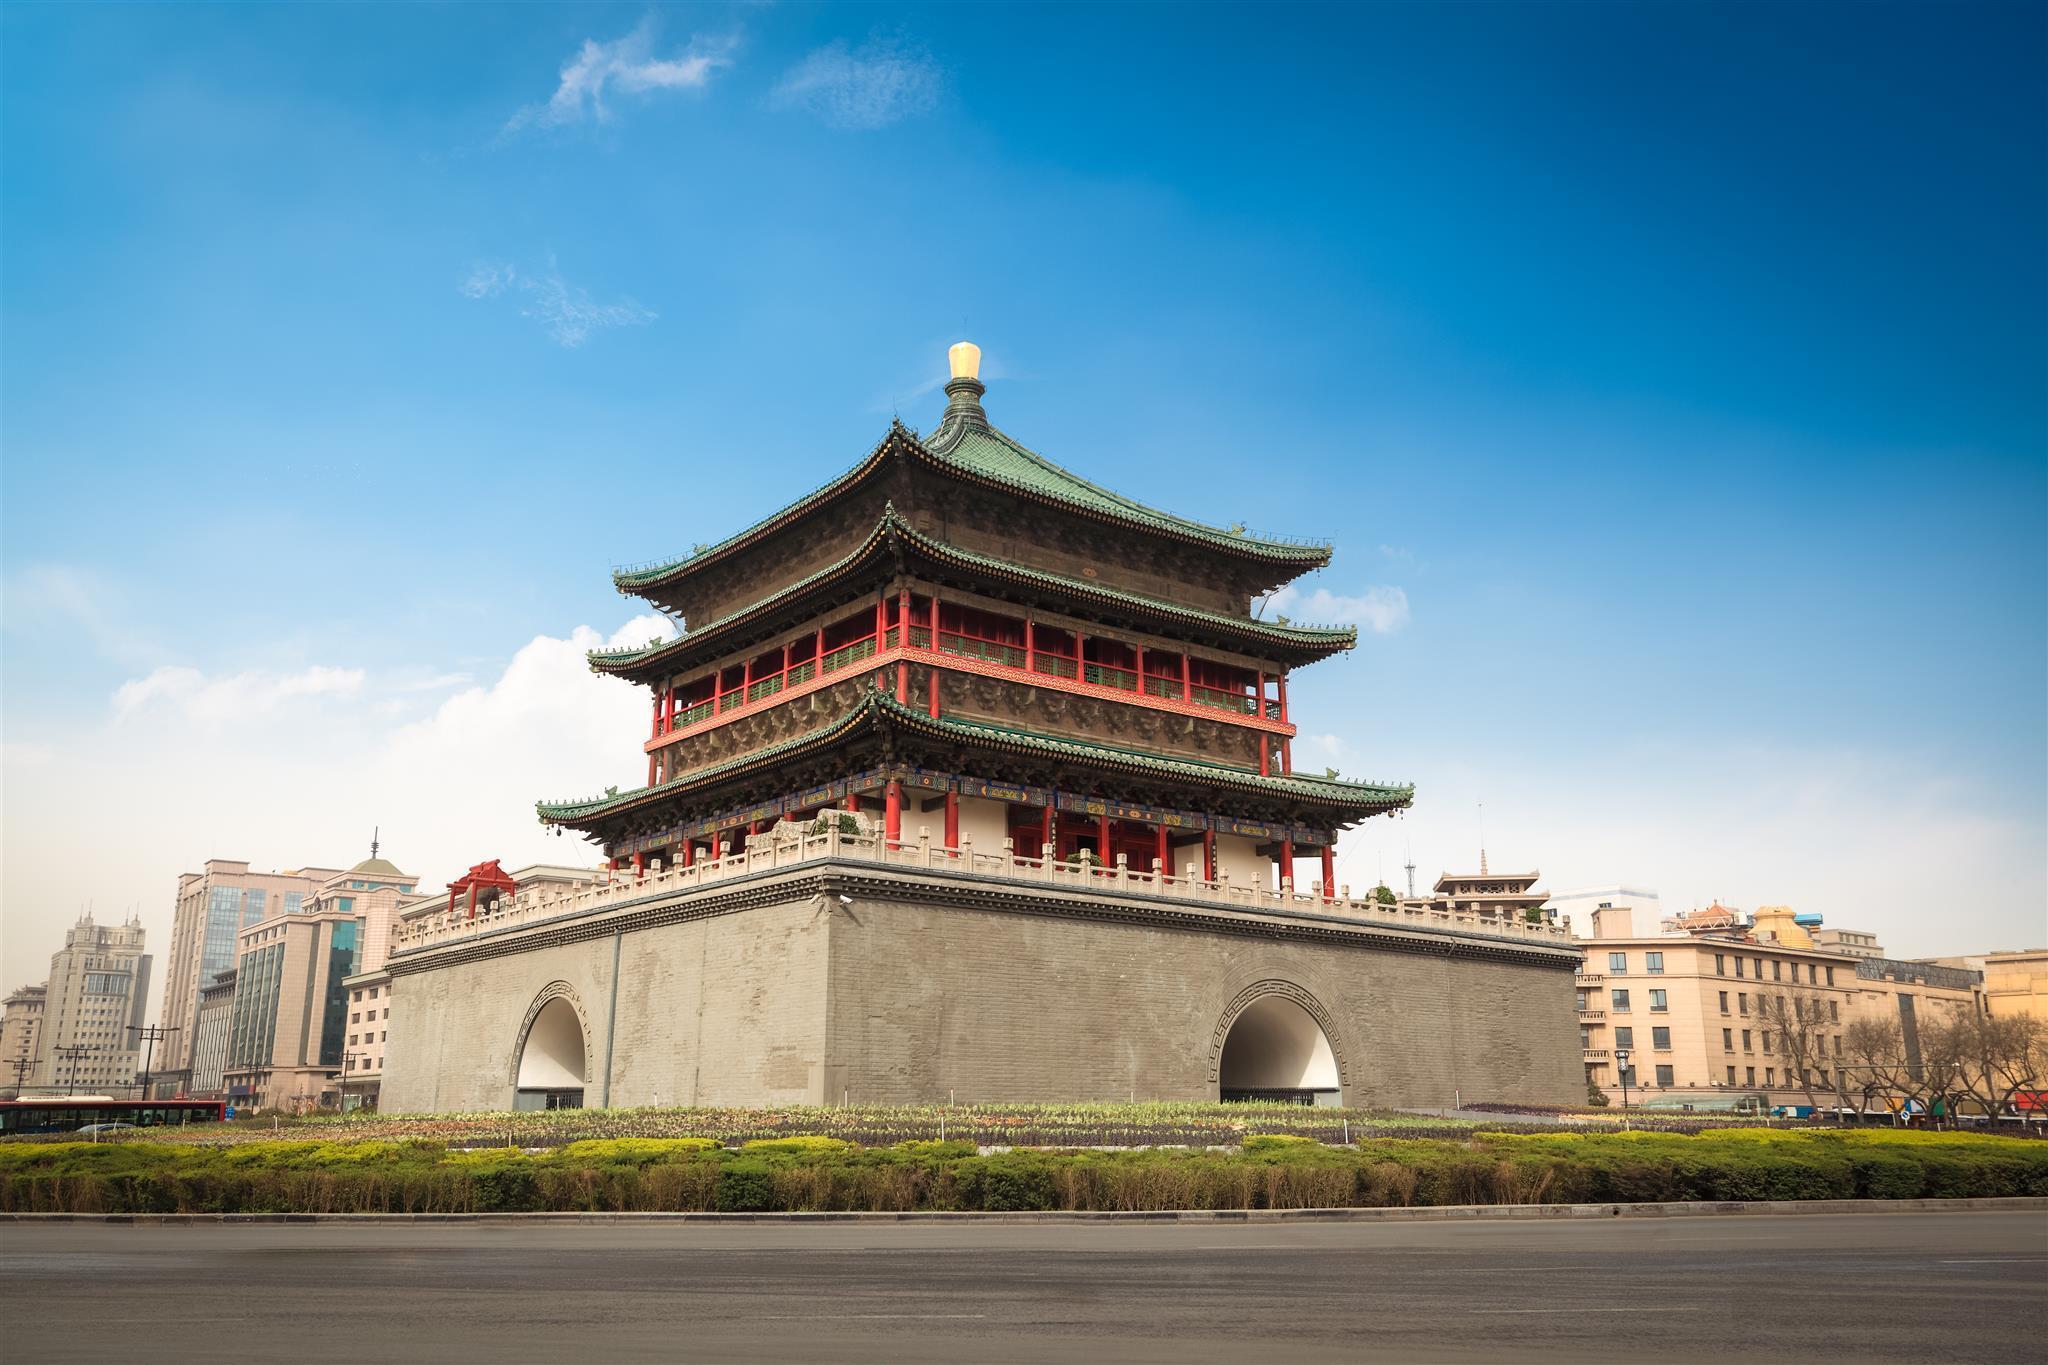 Runjia Express Hotel Xi'an South 2nd Ring Jiaoda Nanmen